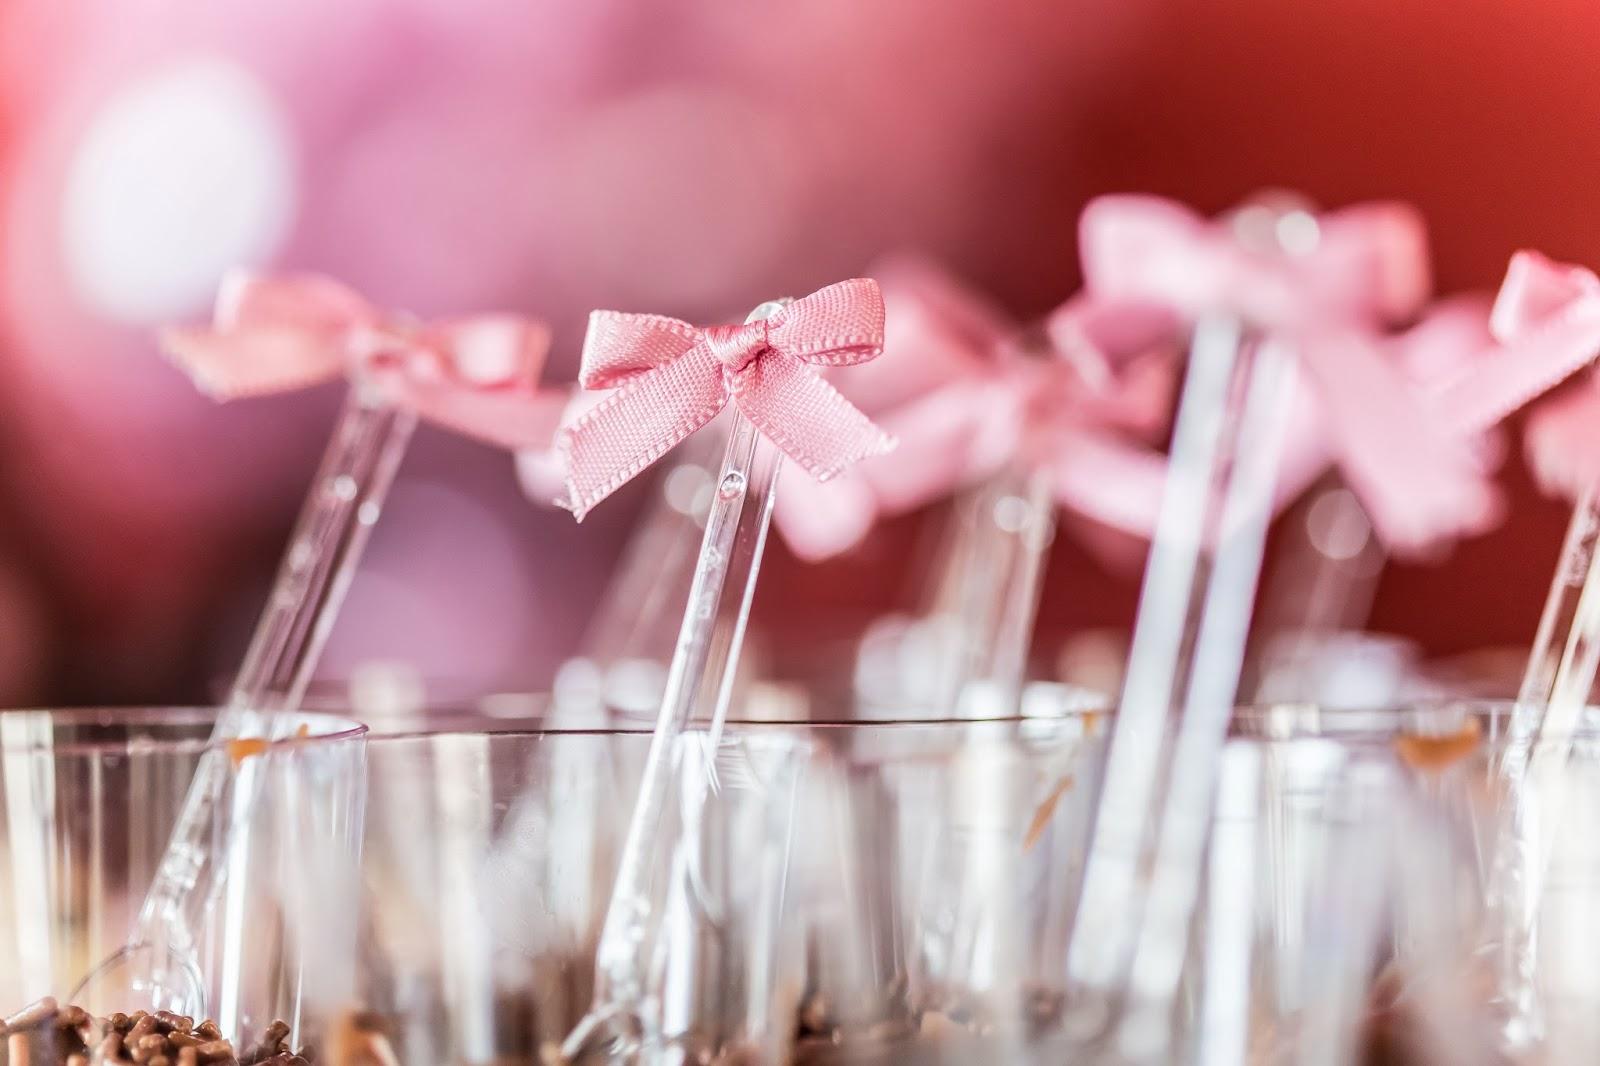 chá - chá de panela - chá rosa marrom - paleta rosa marrom - guloseimas - copo brigadeiro - mesa doces